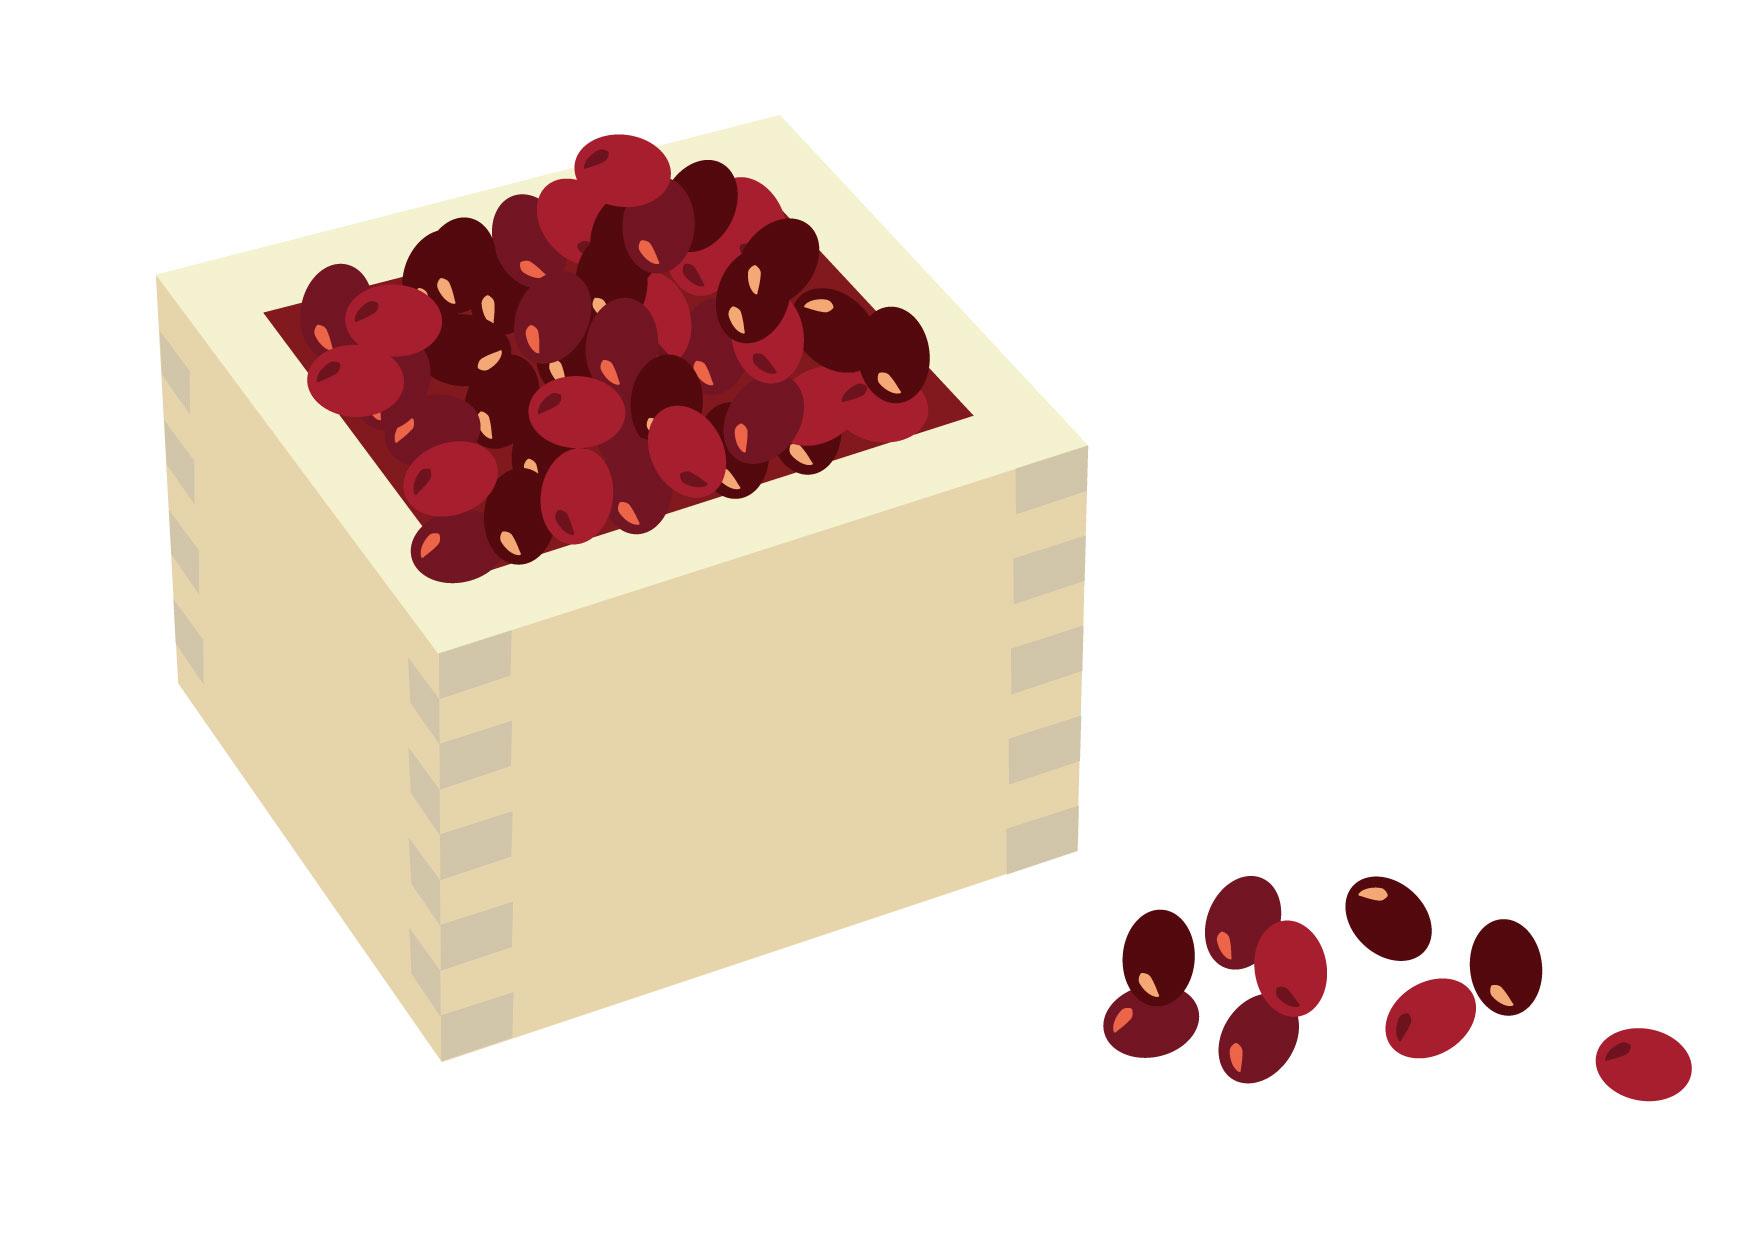 可愛いイラスト無料|あずき(小豆) − free illustration Red beans